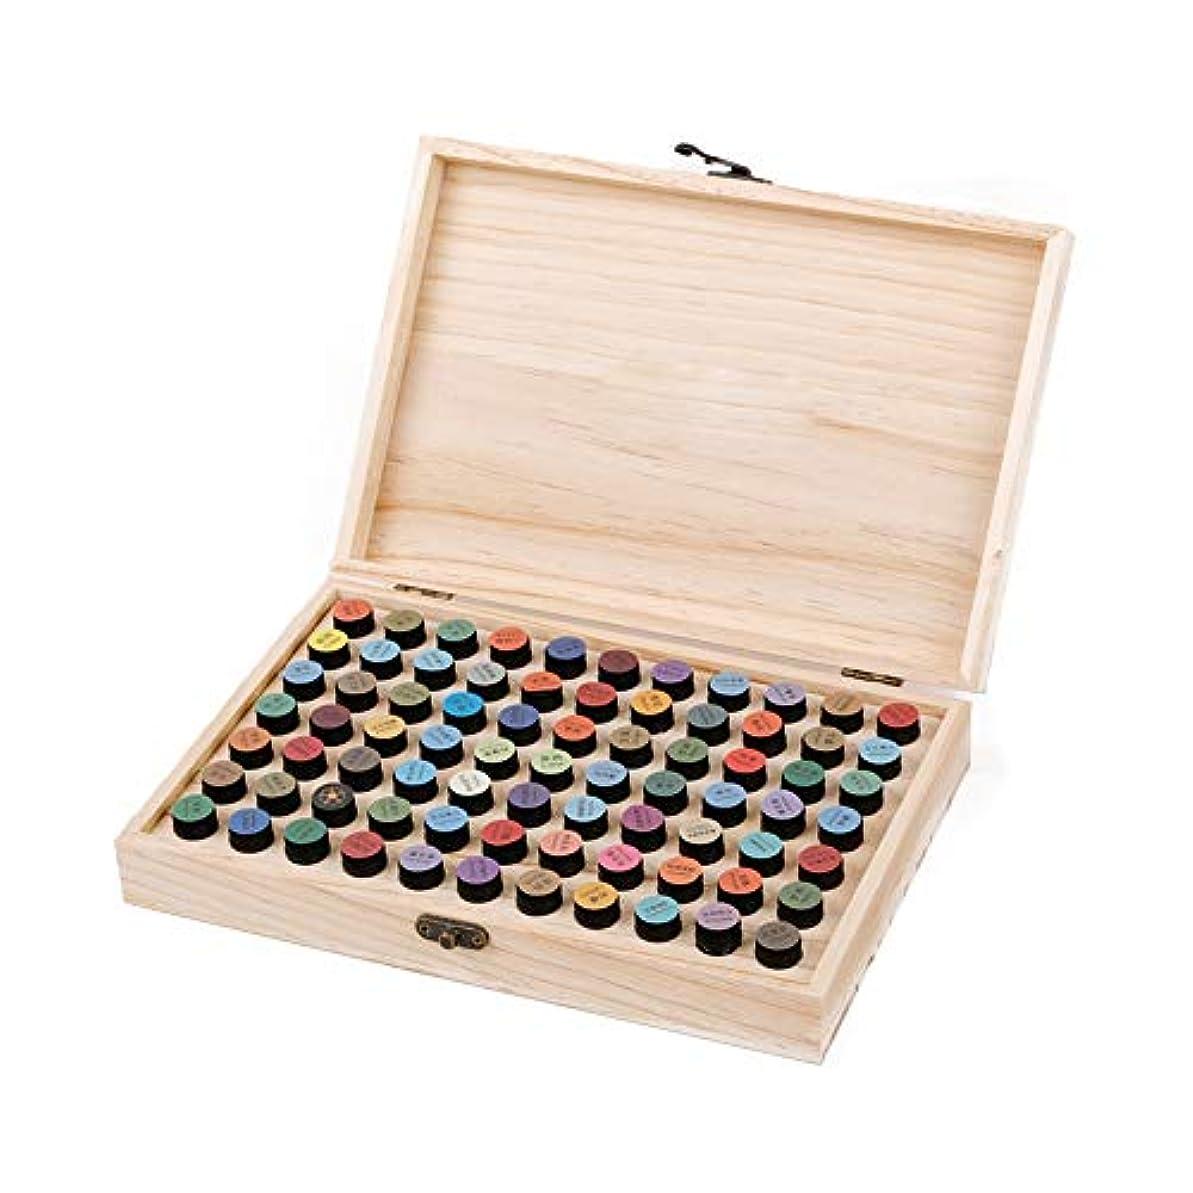 ウォルターカニンガム洗練シャツエッセンシャルオイルボックス 2ミリリットルのエッセンシャルオイル木製収納ボックスあなたの貴重なエッセンシャルオイルを格納するのに適した77個のスロット アロマセラピー収納ボックス (色 : Natural, サイズ :...